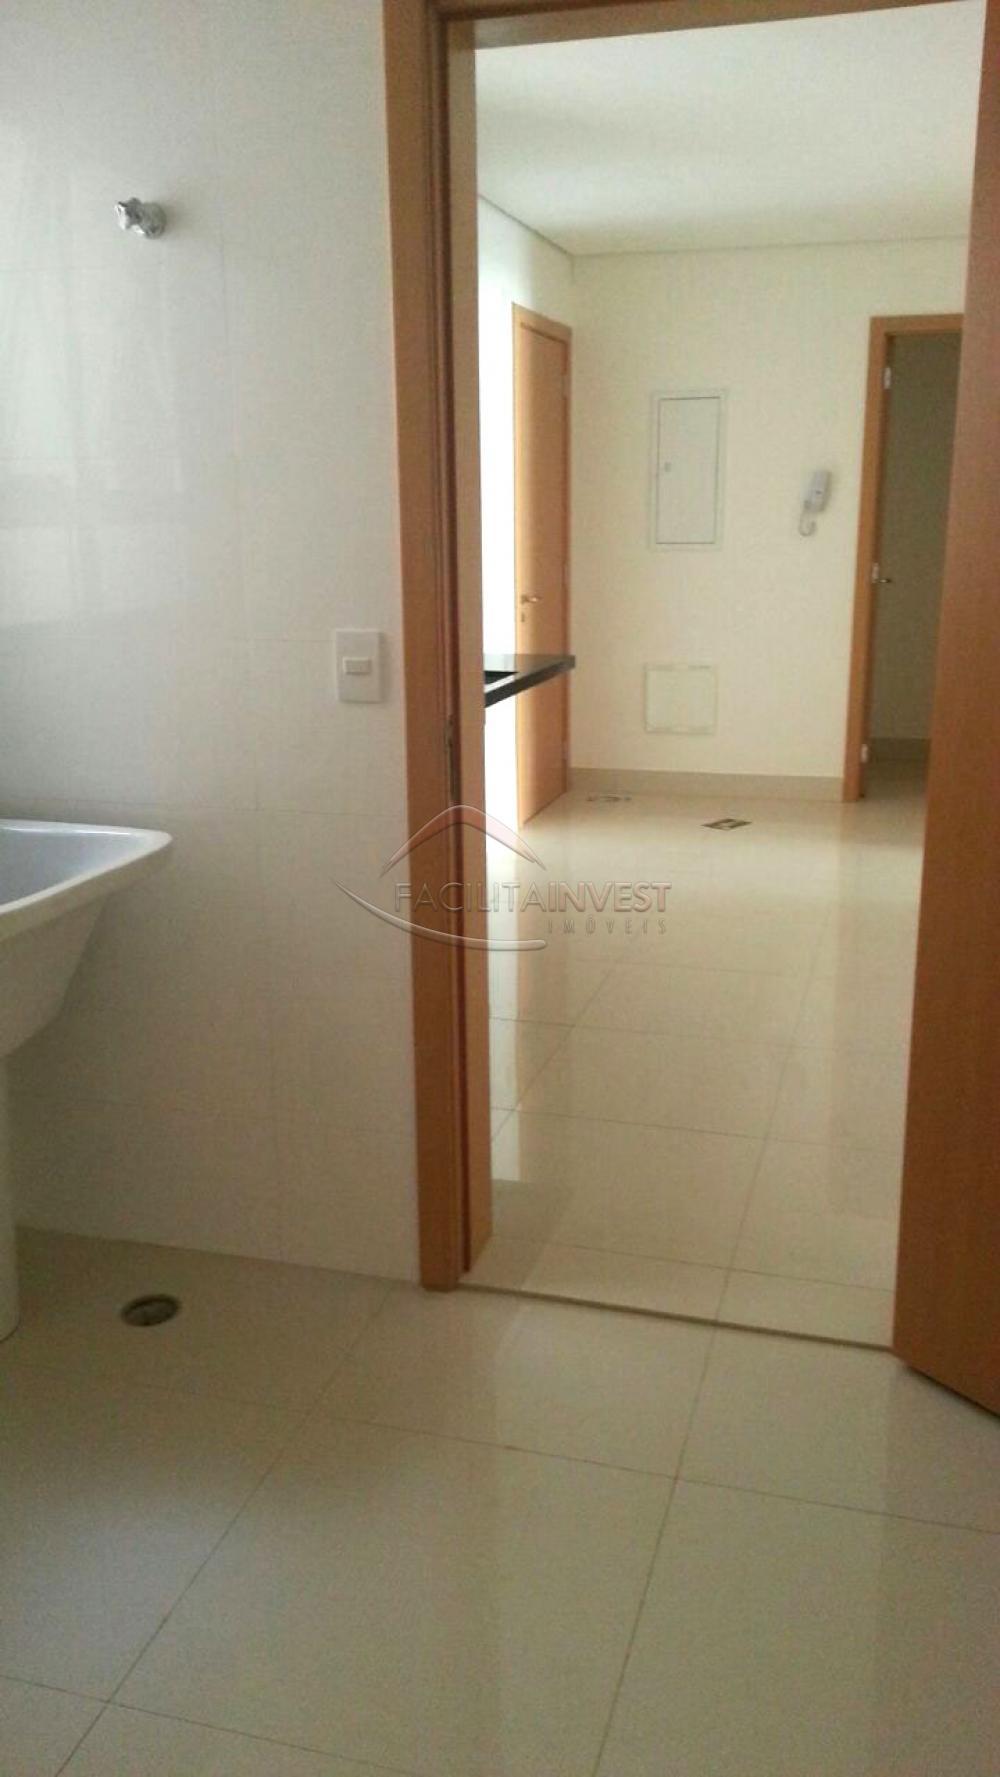 Comprar Apartamentos / Apart. Padrão em Ribeirão Preto apenas R$ 1.288.977,04 - Foto 14